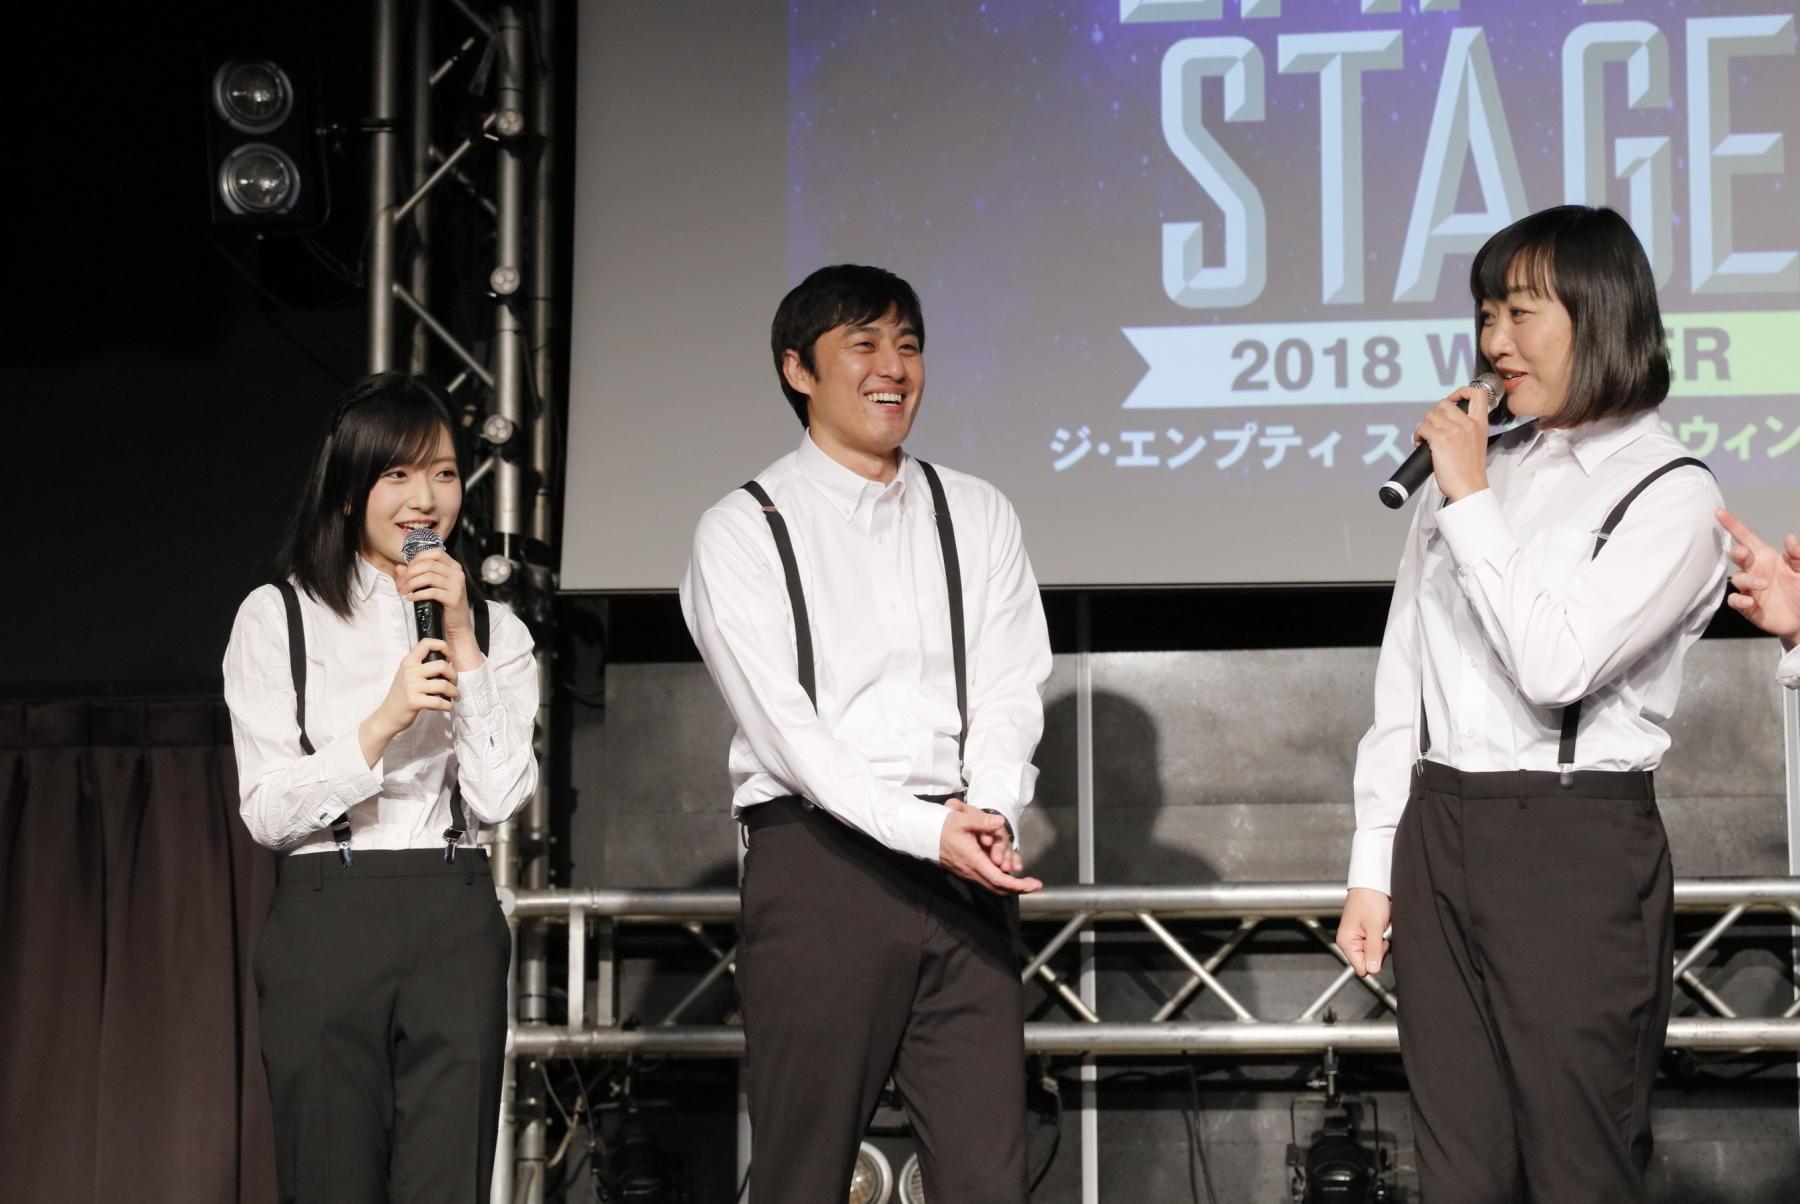 http://news.yoshimoto.co.jp/20180211000428-370a3d0cf37ad5dd32dc1a88d765b17520cd4db5.jpg